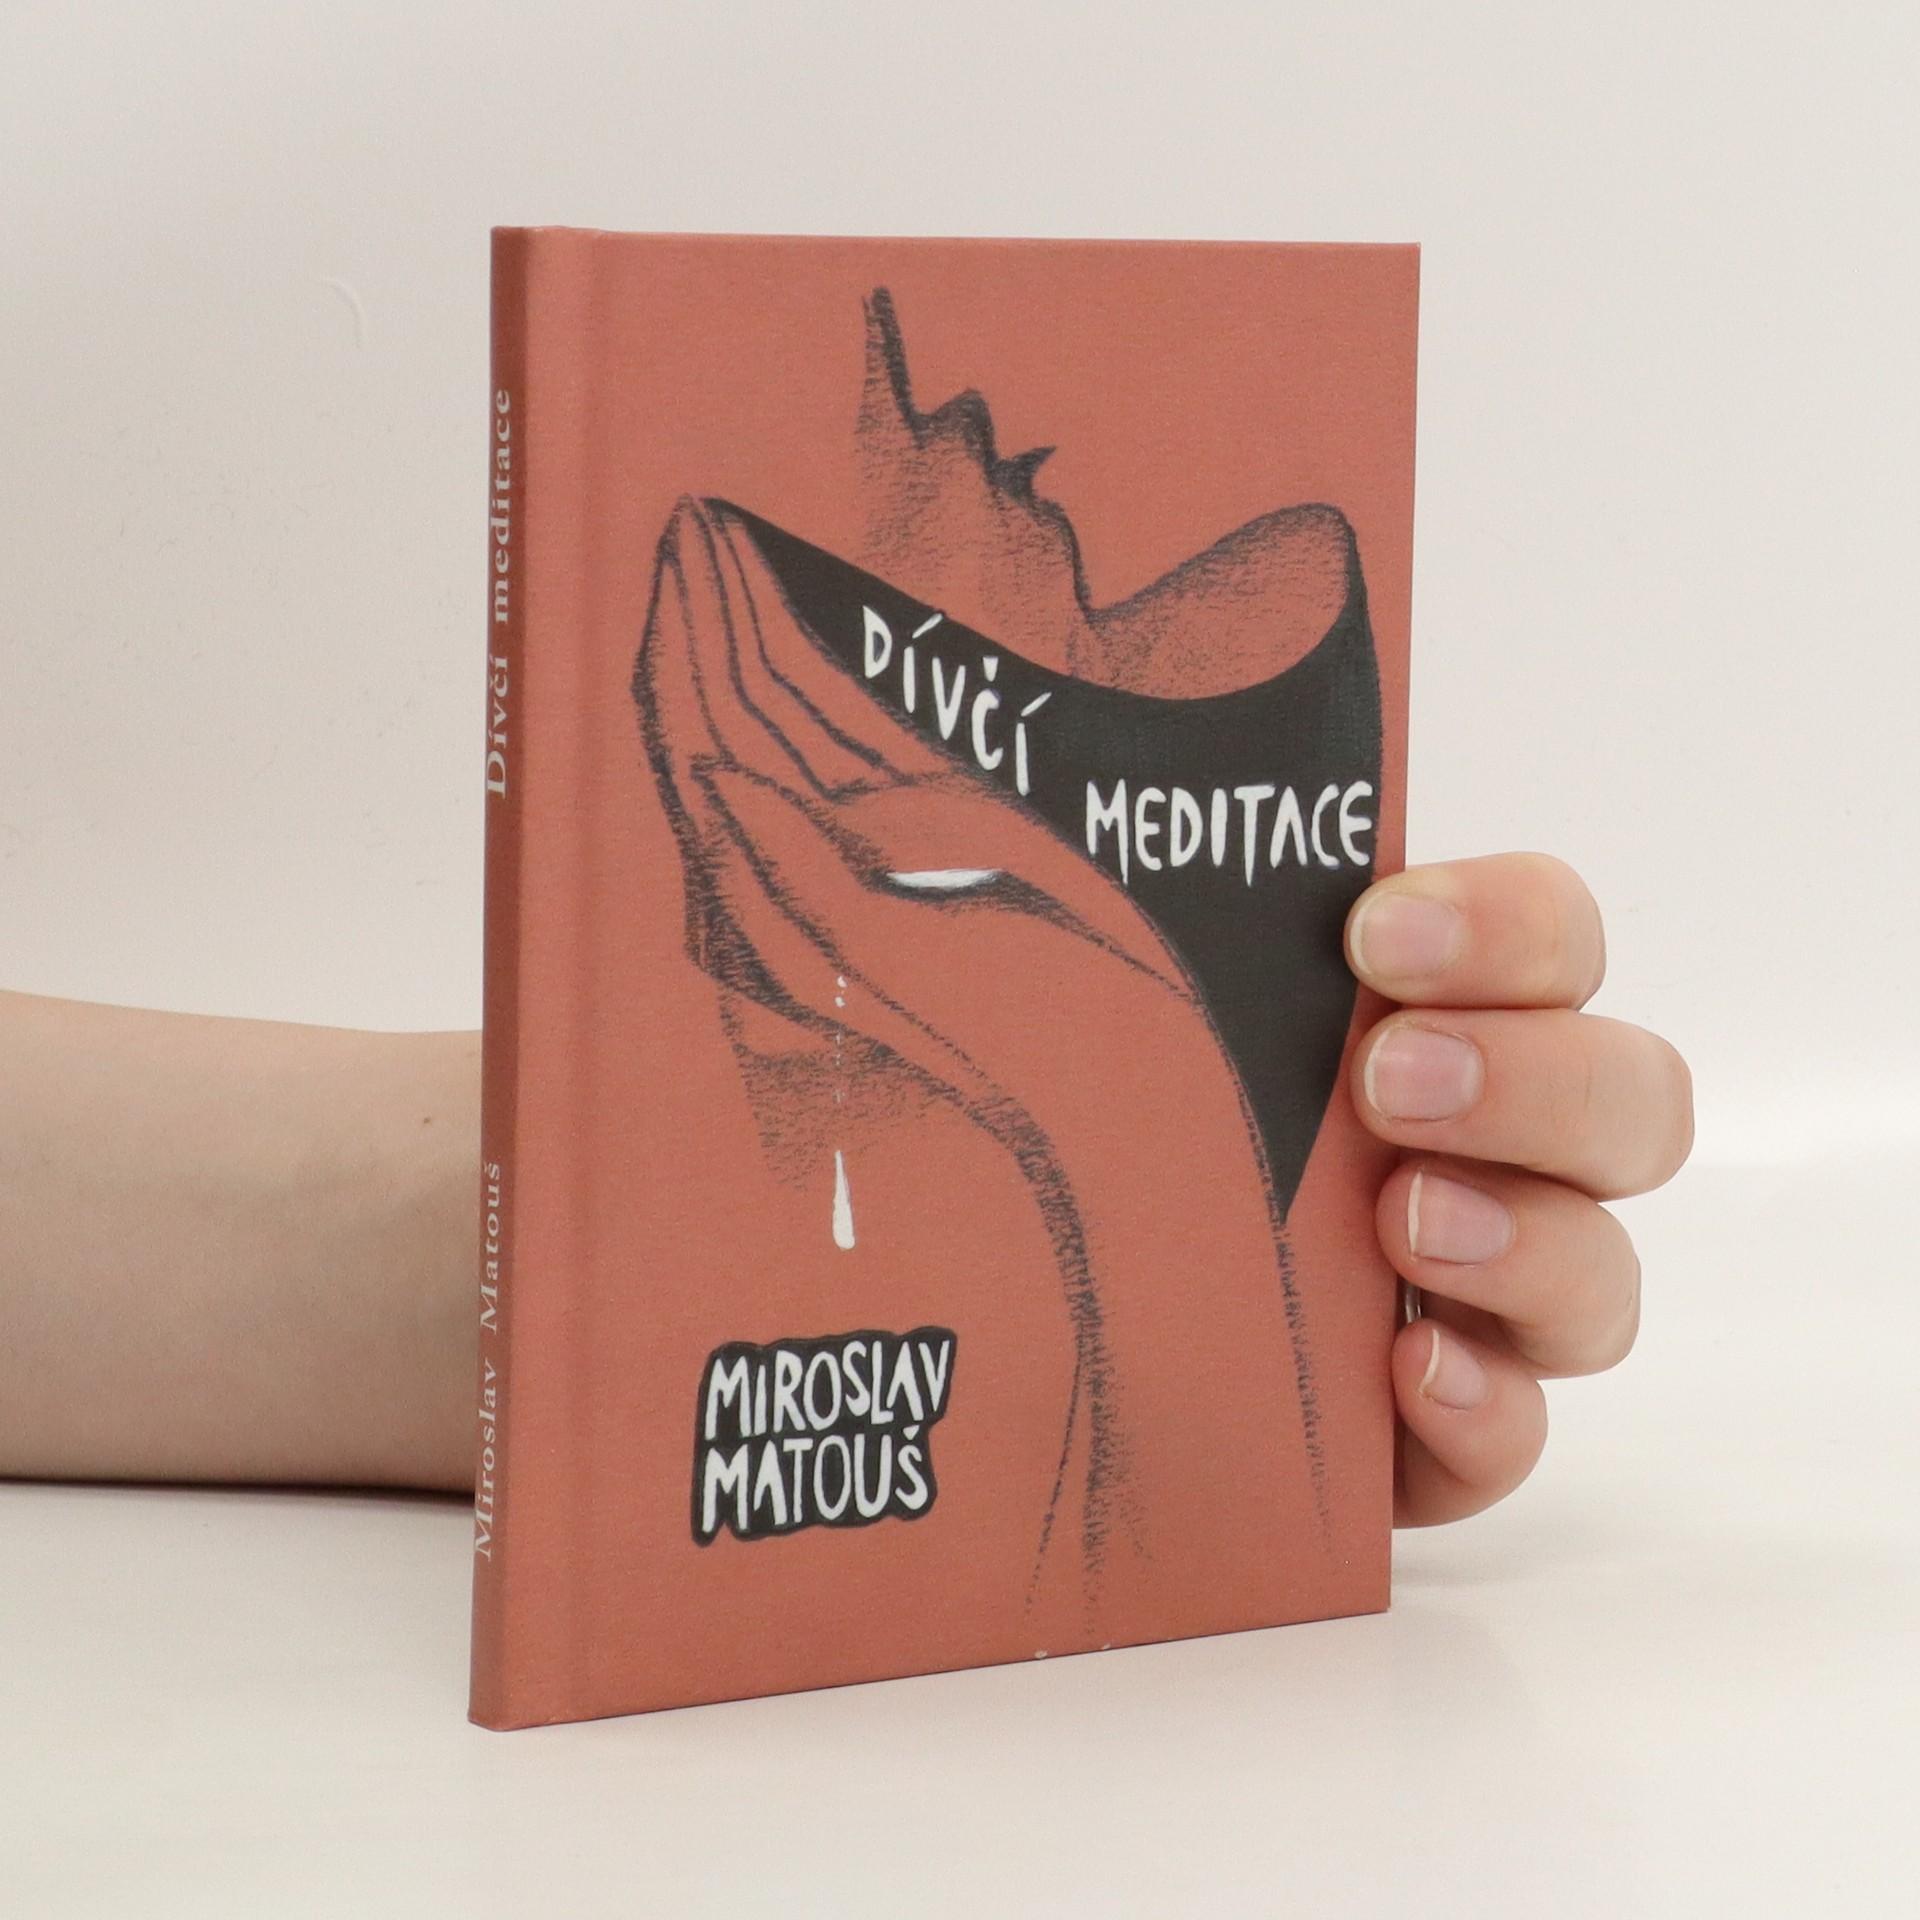 antikvární kniha Dívčí meditace nad bděním i snem, 2007